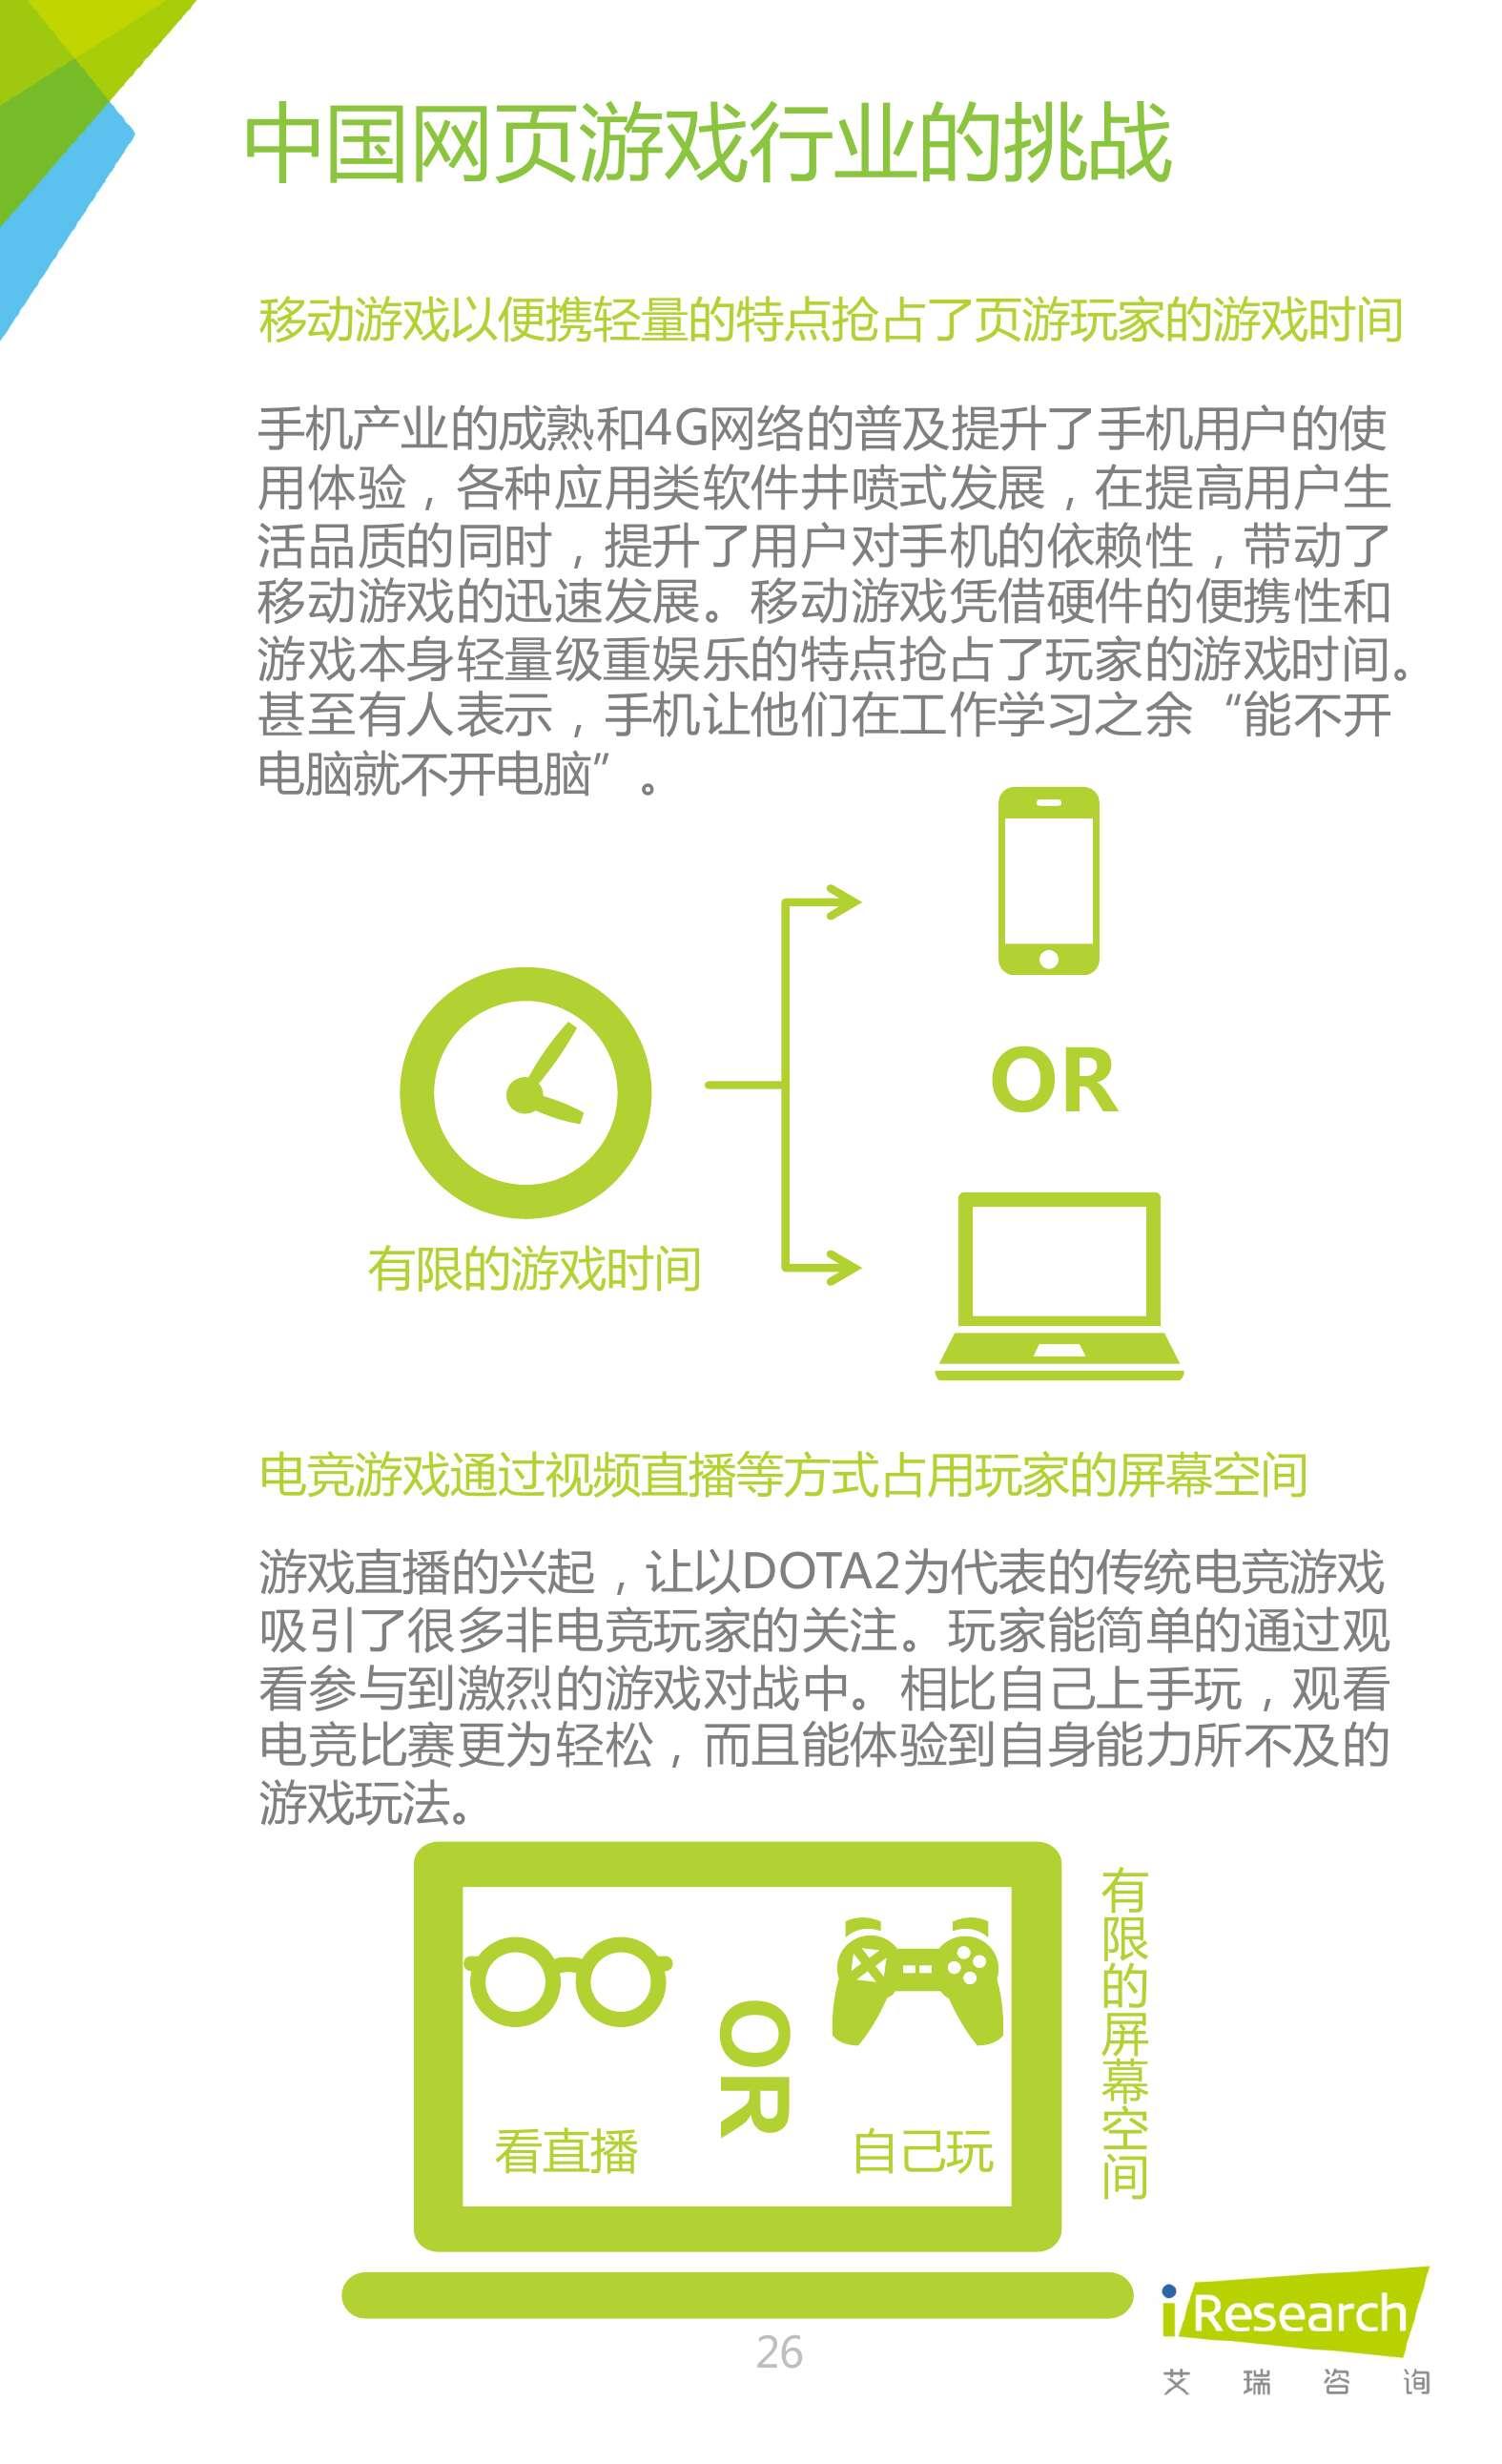 2016年中国网页游戏行业研究报告_000026